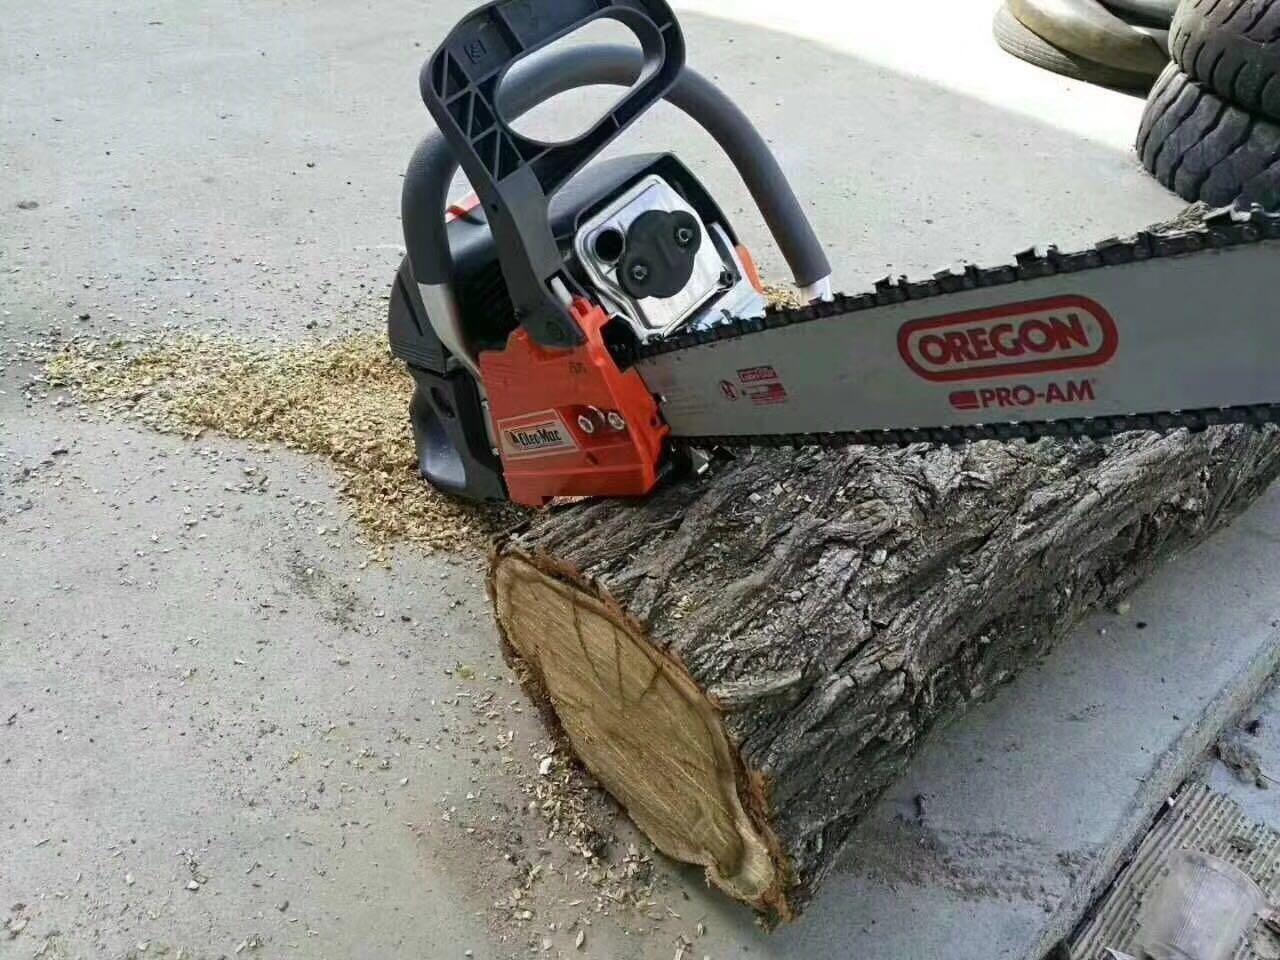 伐木锯电锯大功率家用油锯小型砍树机园林锯